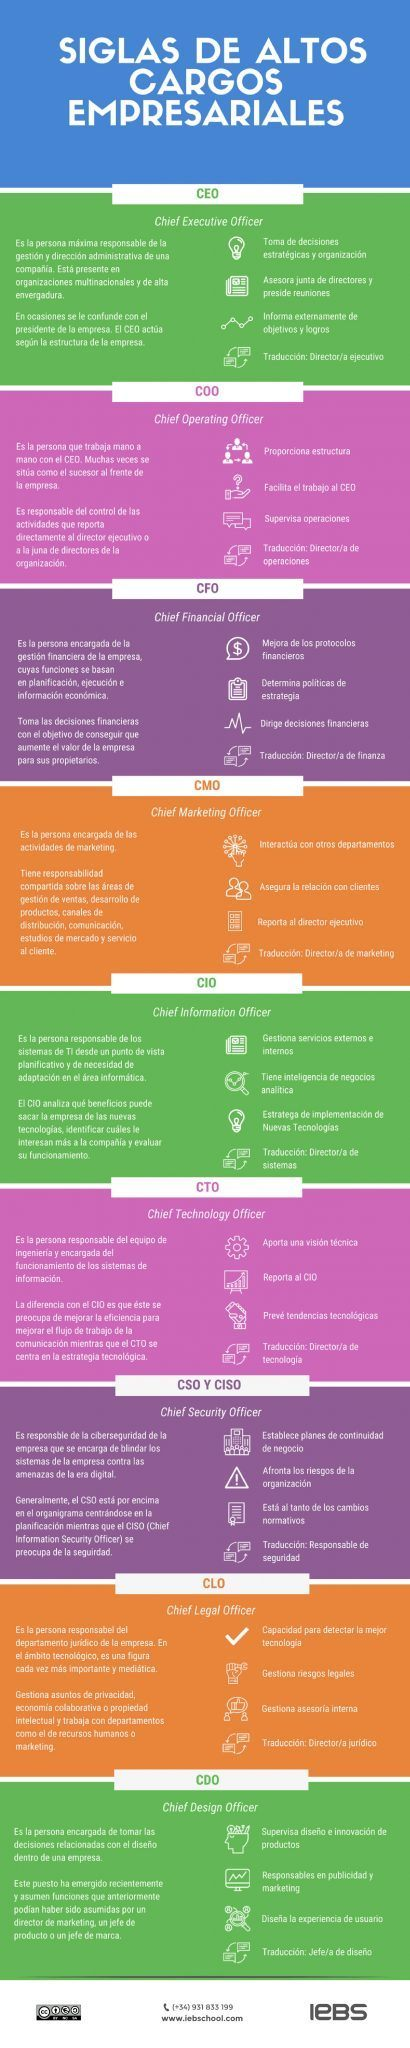 infografia-siglas-puestos-directivos